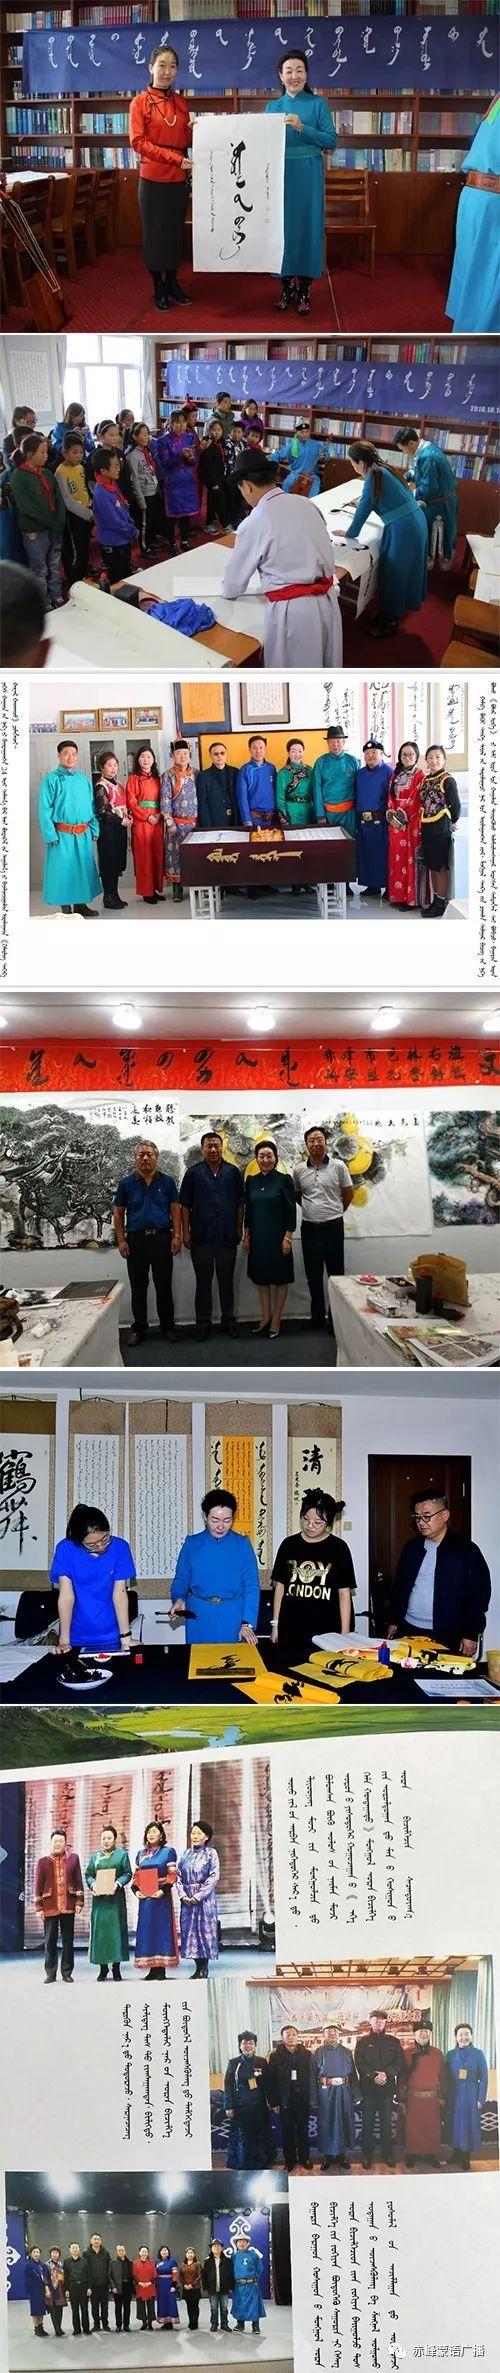 【音频】《赤峰蒙古族书法家》系列采访 (22) 第11张